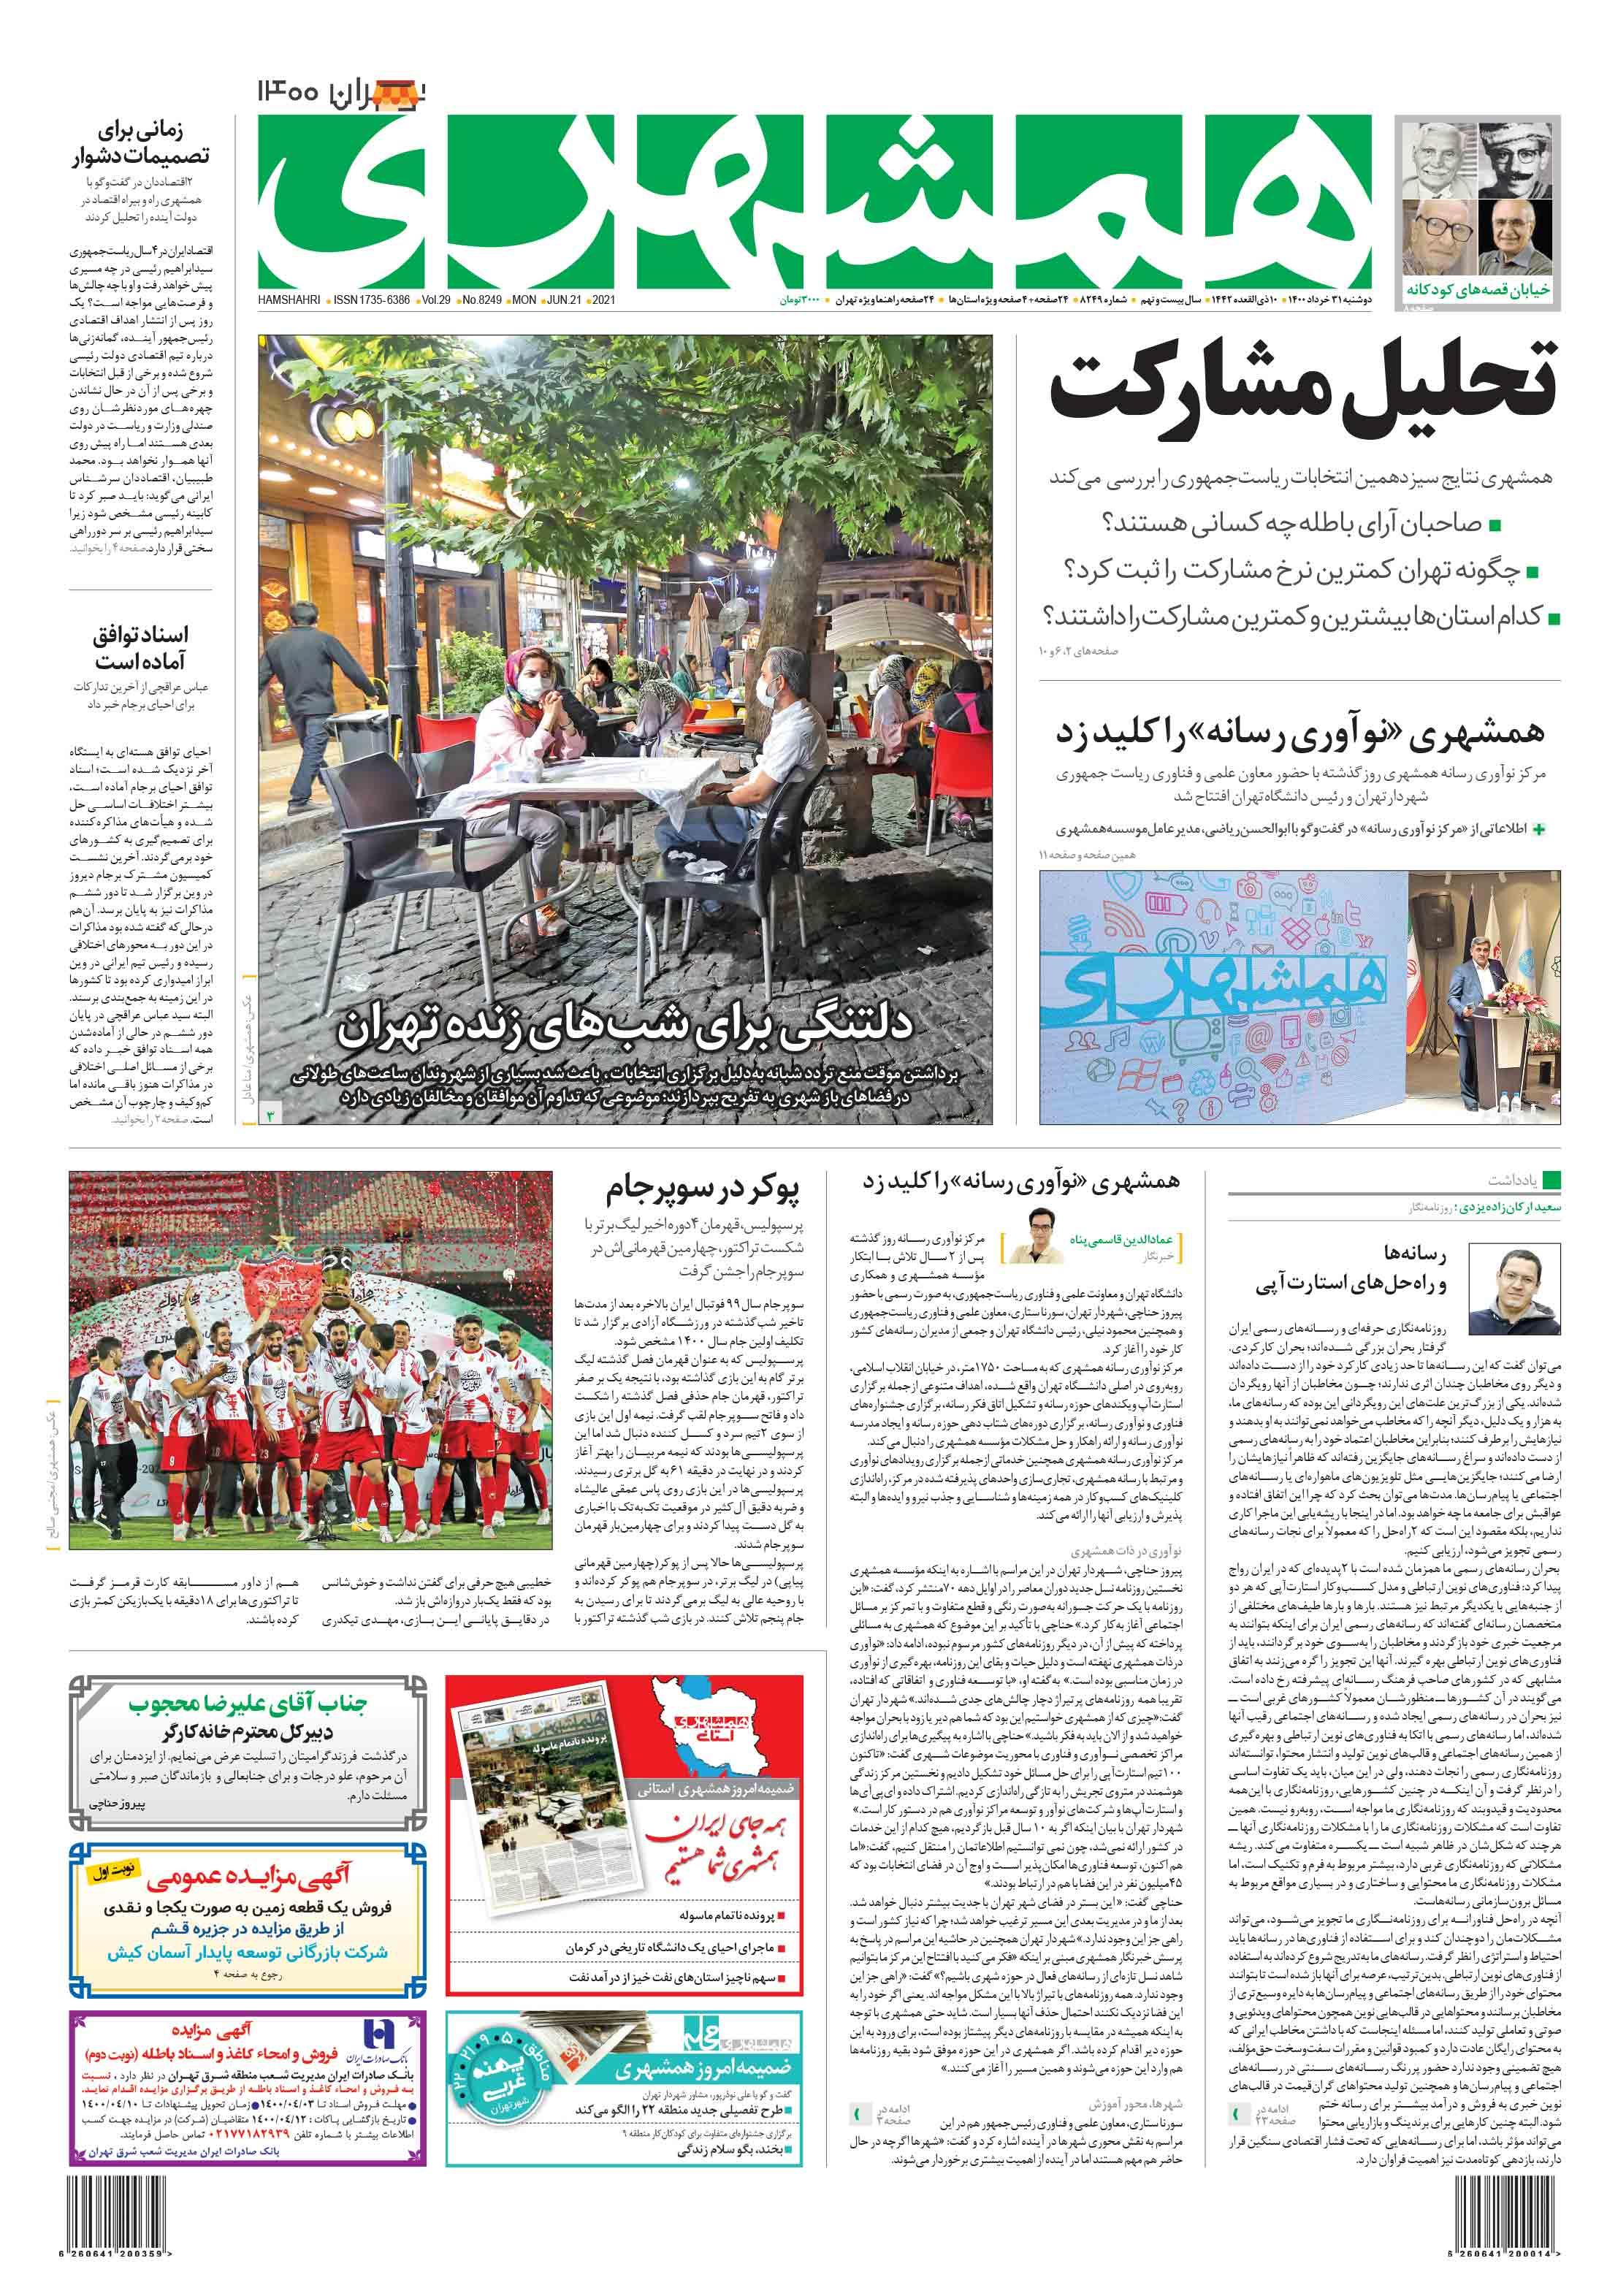 صفحه اول دوشنبه 31 خرداد 1400